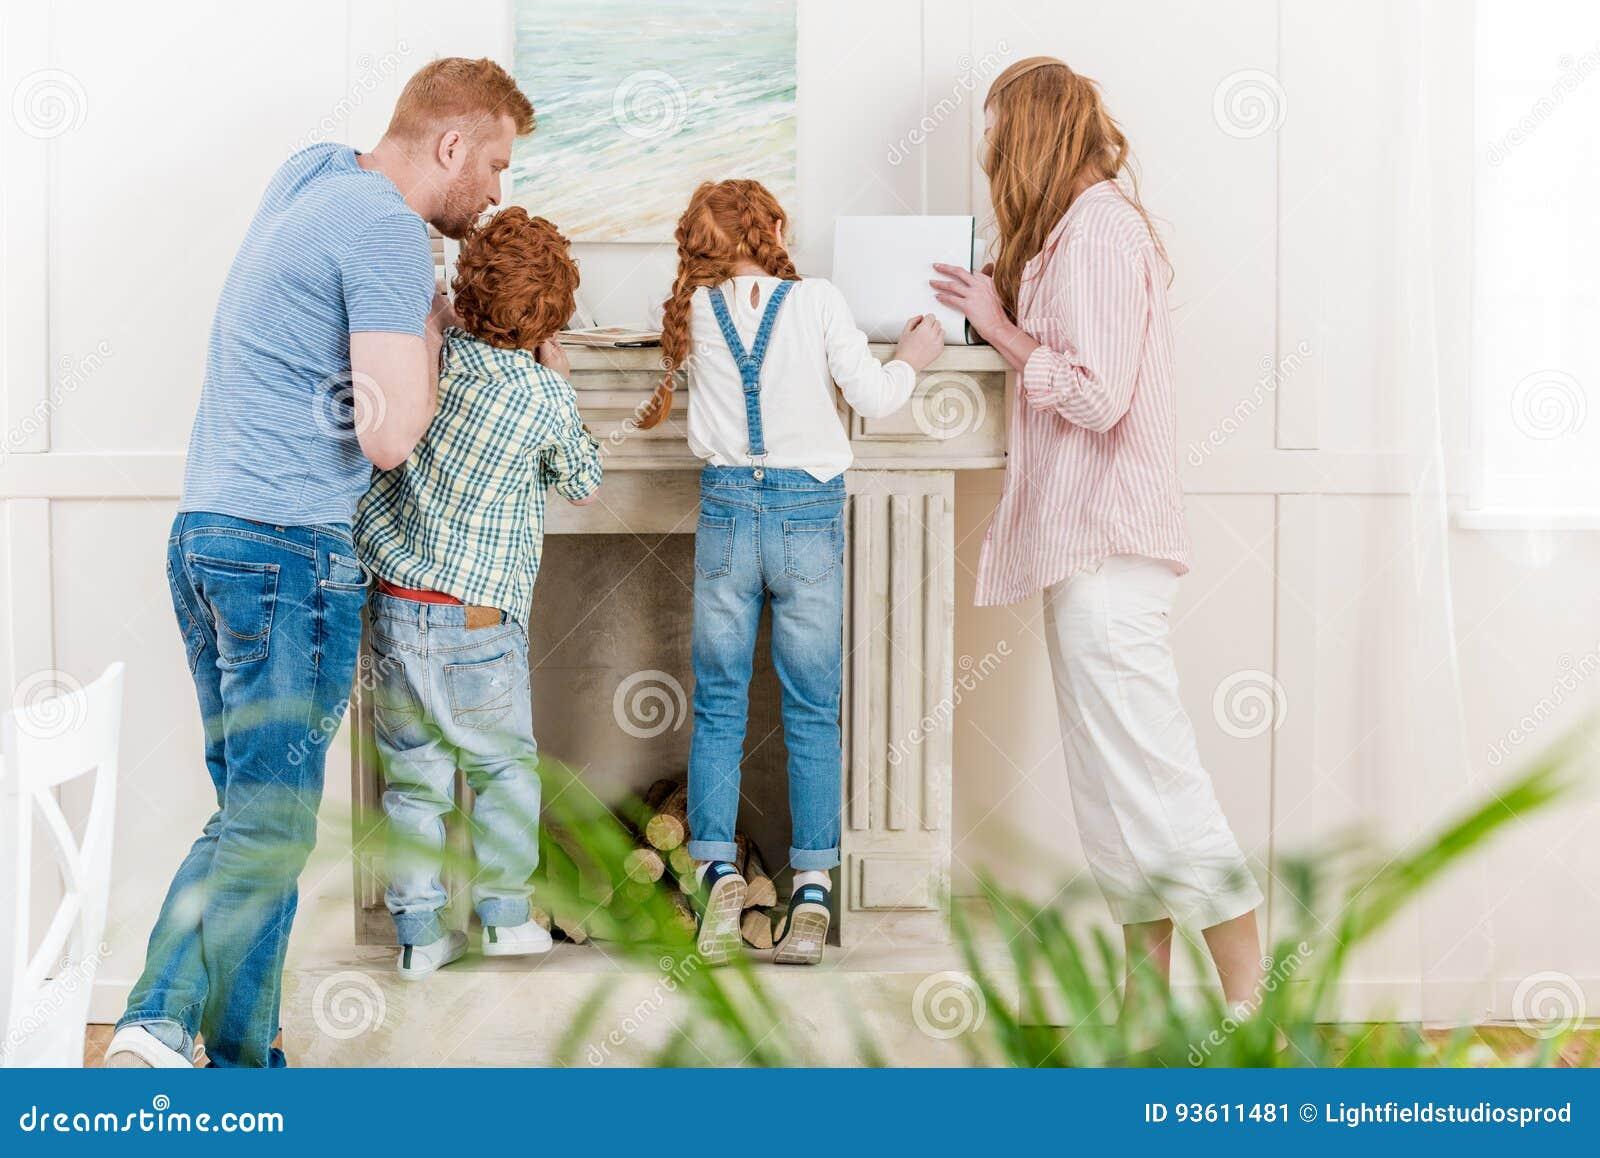 Πίσω άποψη της redhead οικογένειας με δύο παιδιά που στέκονται μαζί κοντά στην εστία και που διαβάζουν τα περιοδικά